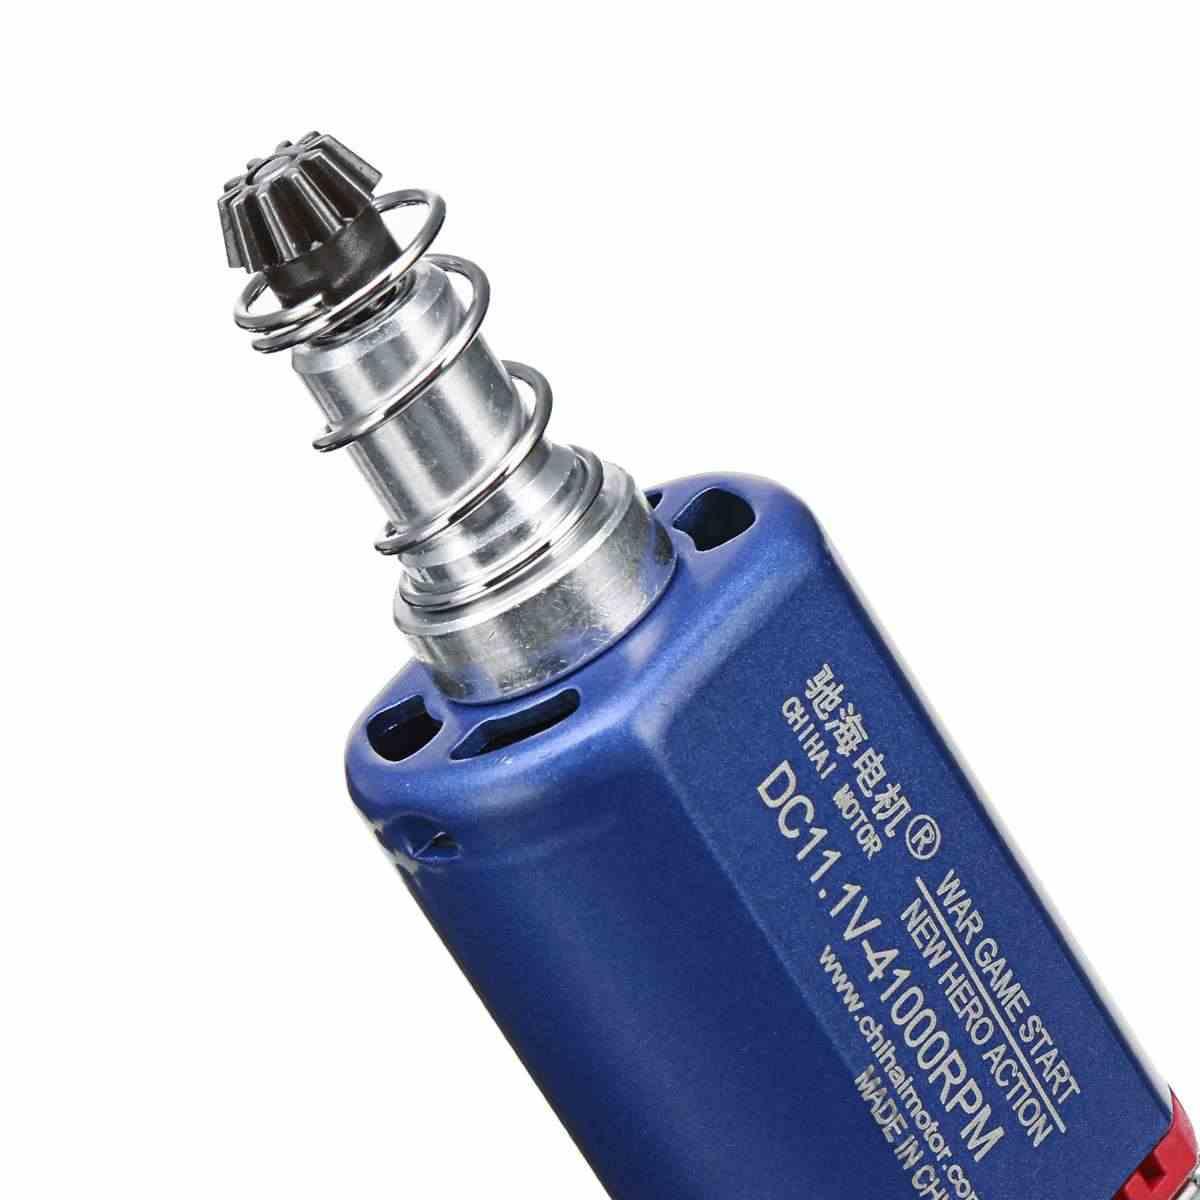 Alta velocidade de torque do motor dc para nwell m4 aeg m110 m12 gel bola blasters brinquedo armas substituição acessórios